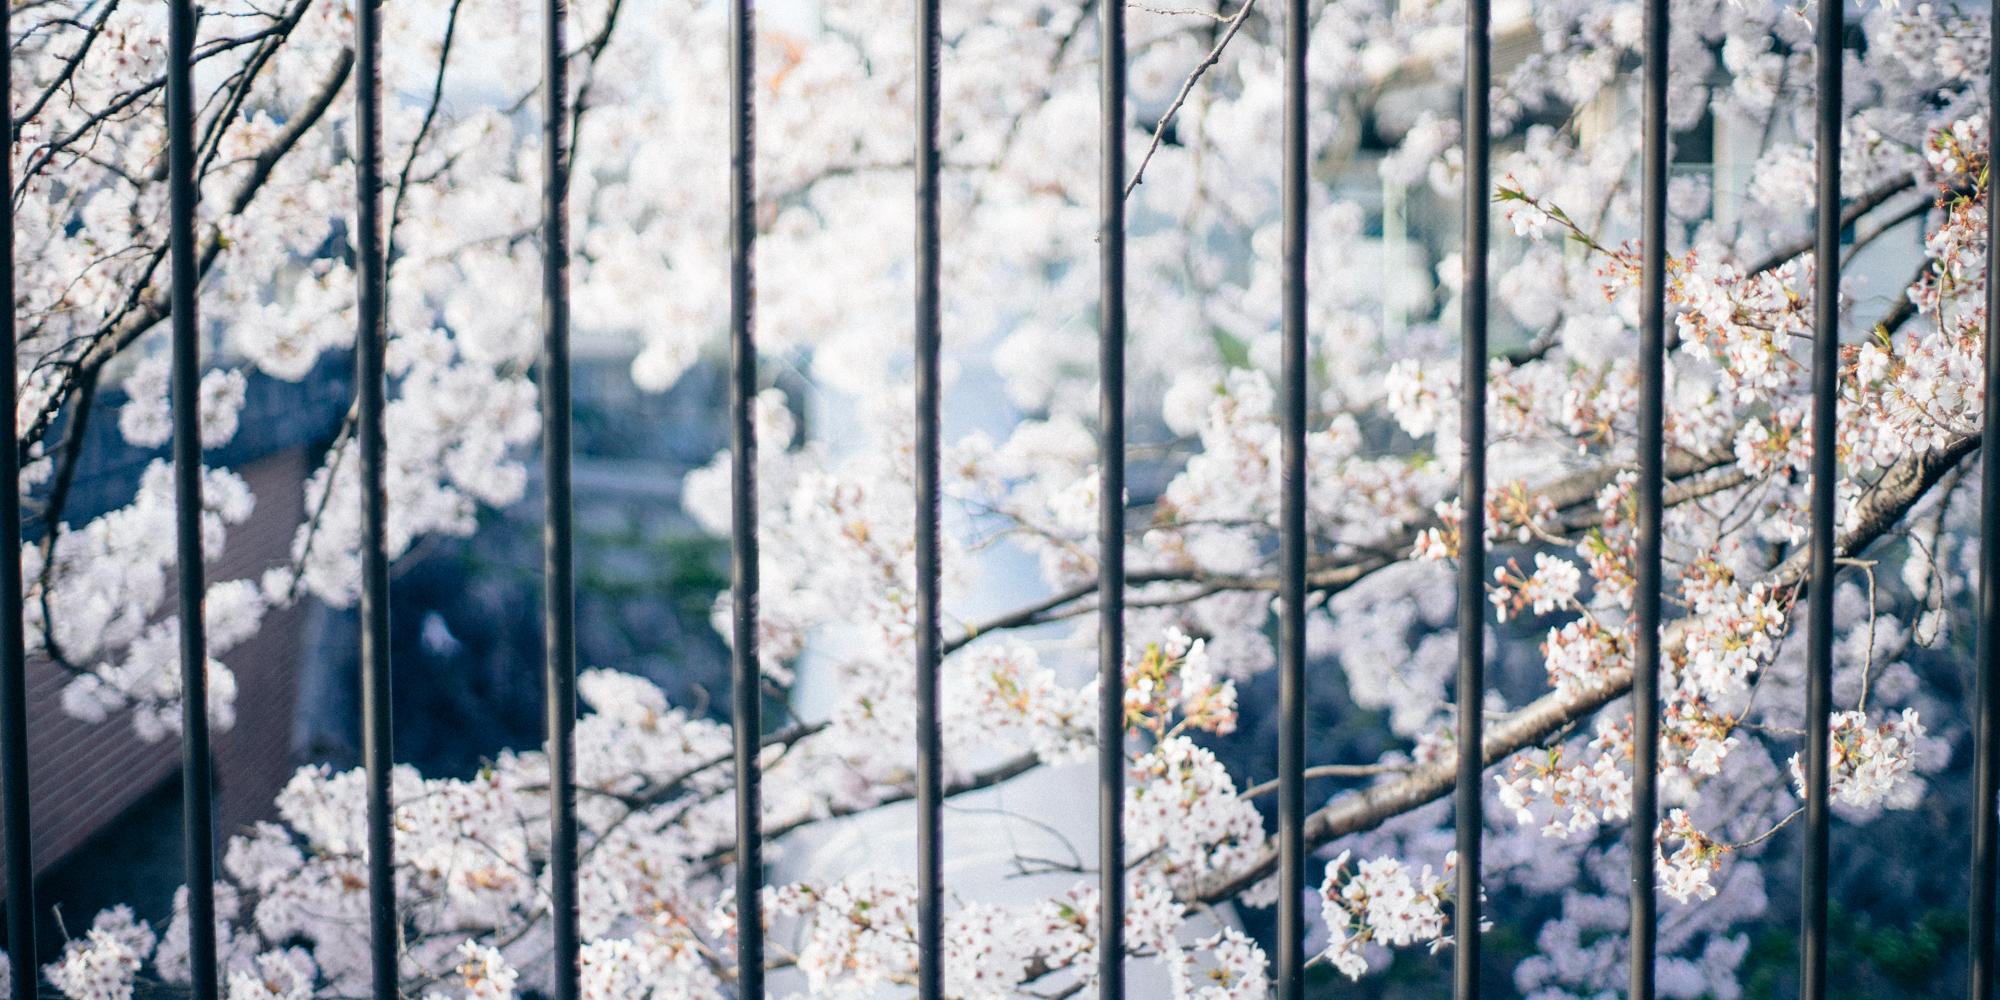 大阪・関西 カメラ&写真サークル「銀板倶楽部」